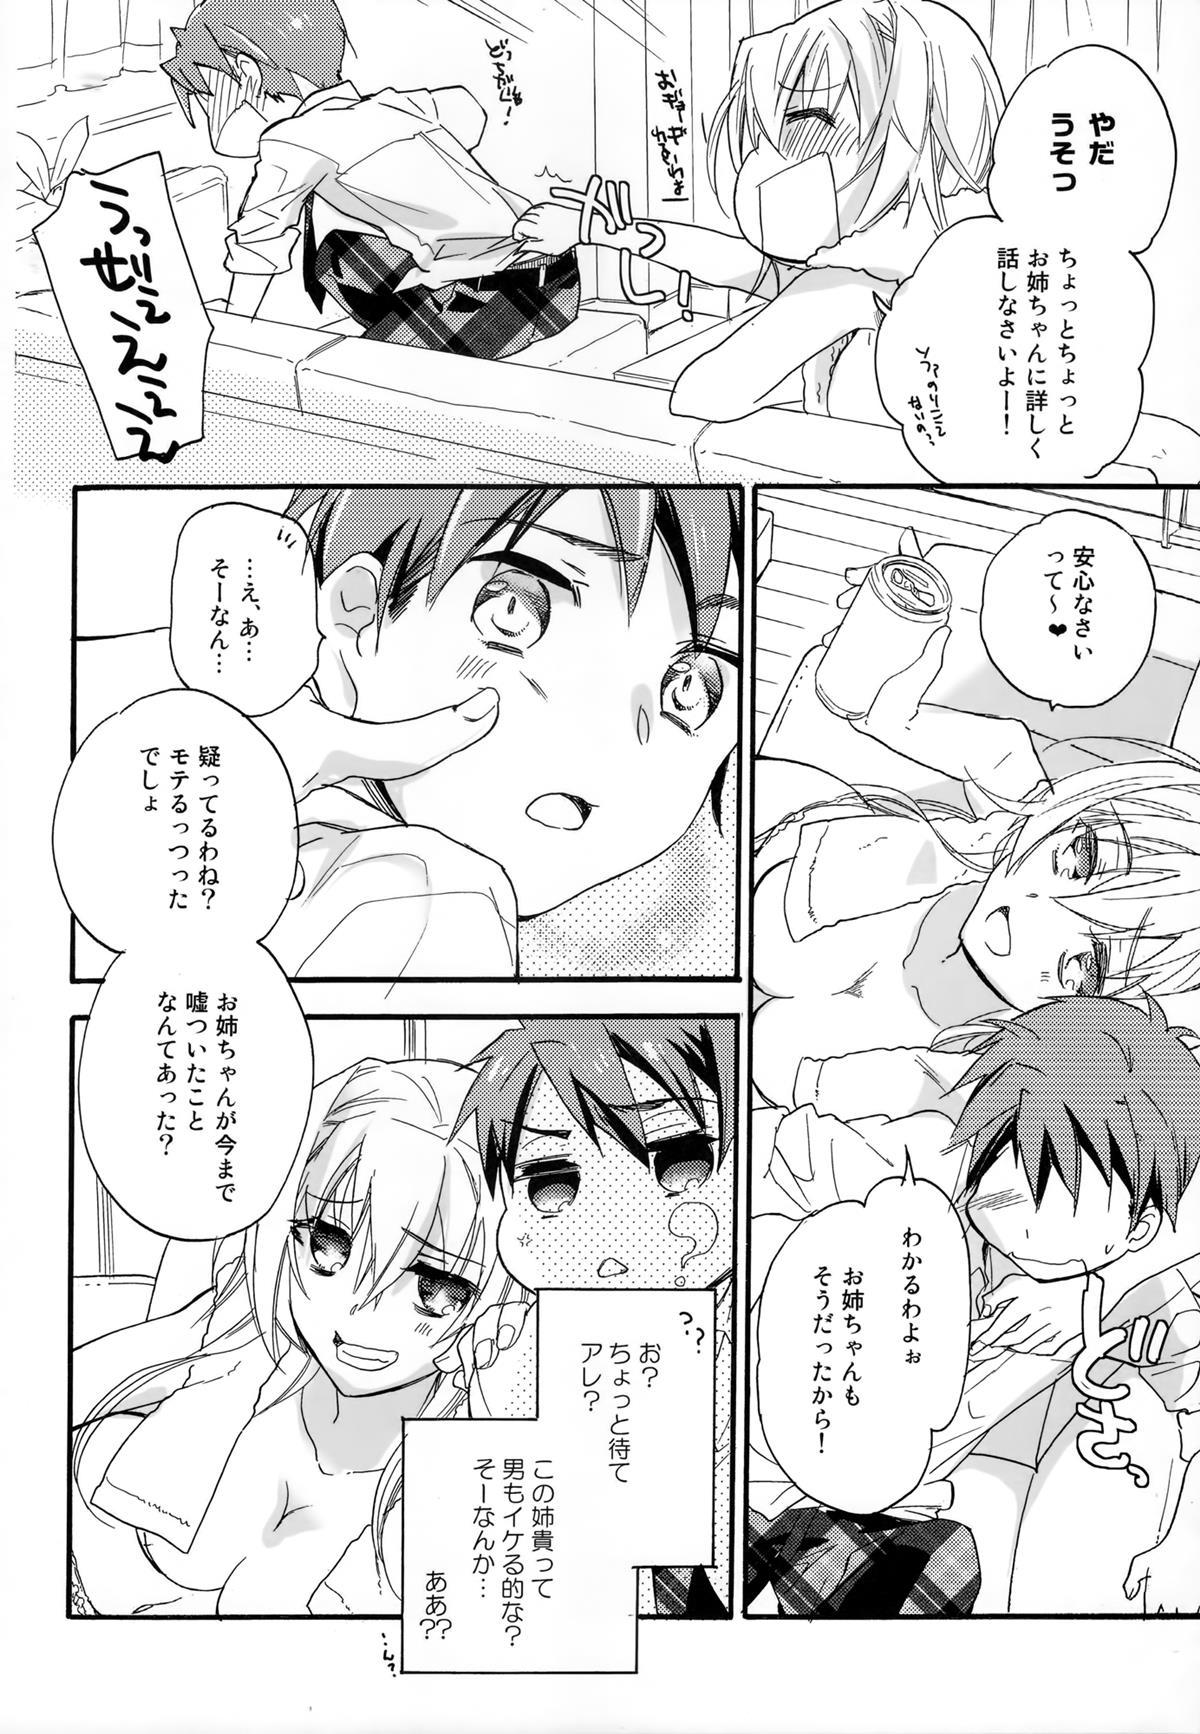 【エロ漫画・エロ同人誌】可愛い巨乳彼女と初エッチが上手くいかなかったから巨乳姉が練習台になってくれるってwww (11)